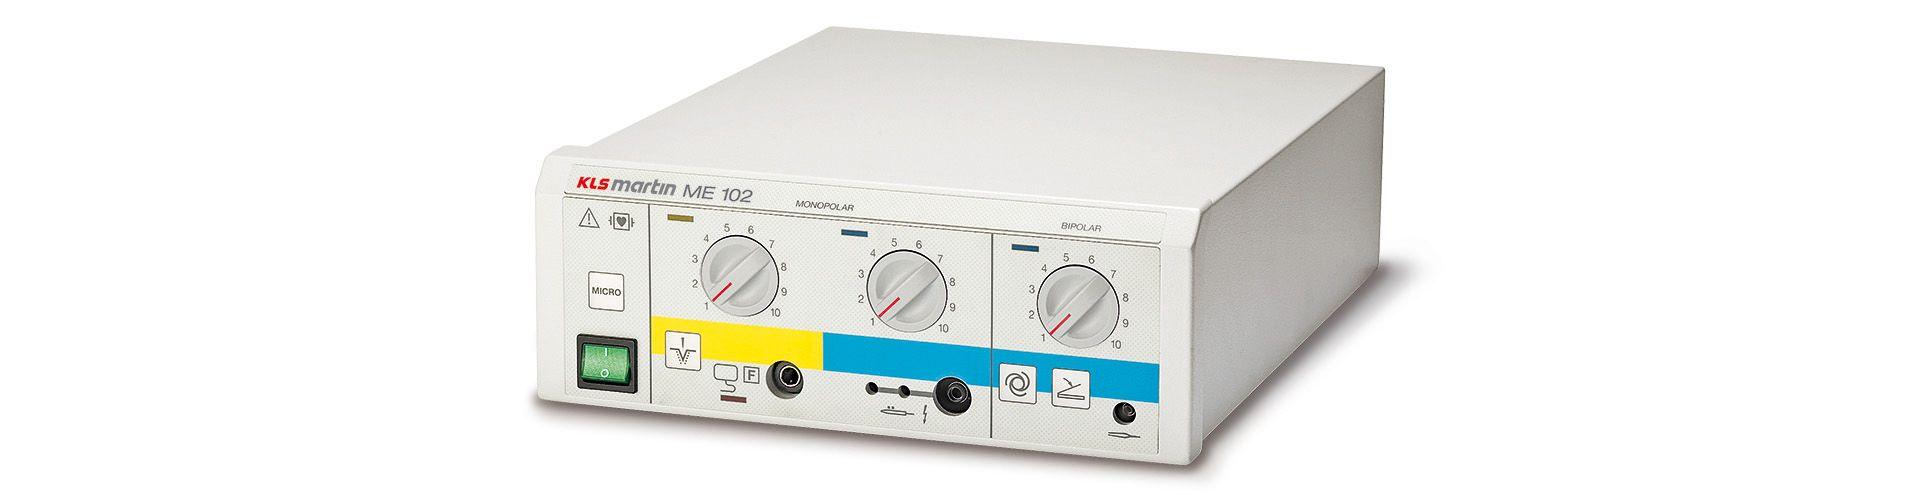 Cirugía de alta frecuencia - ME 102